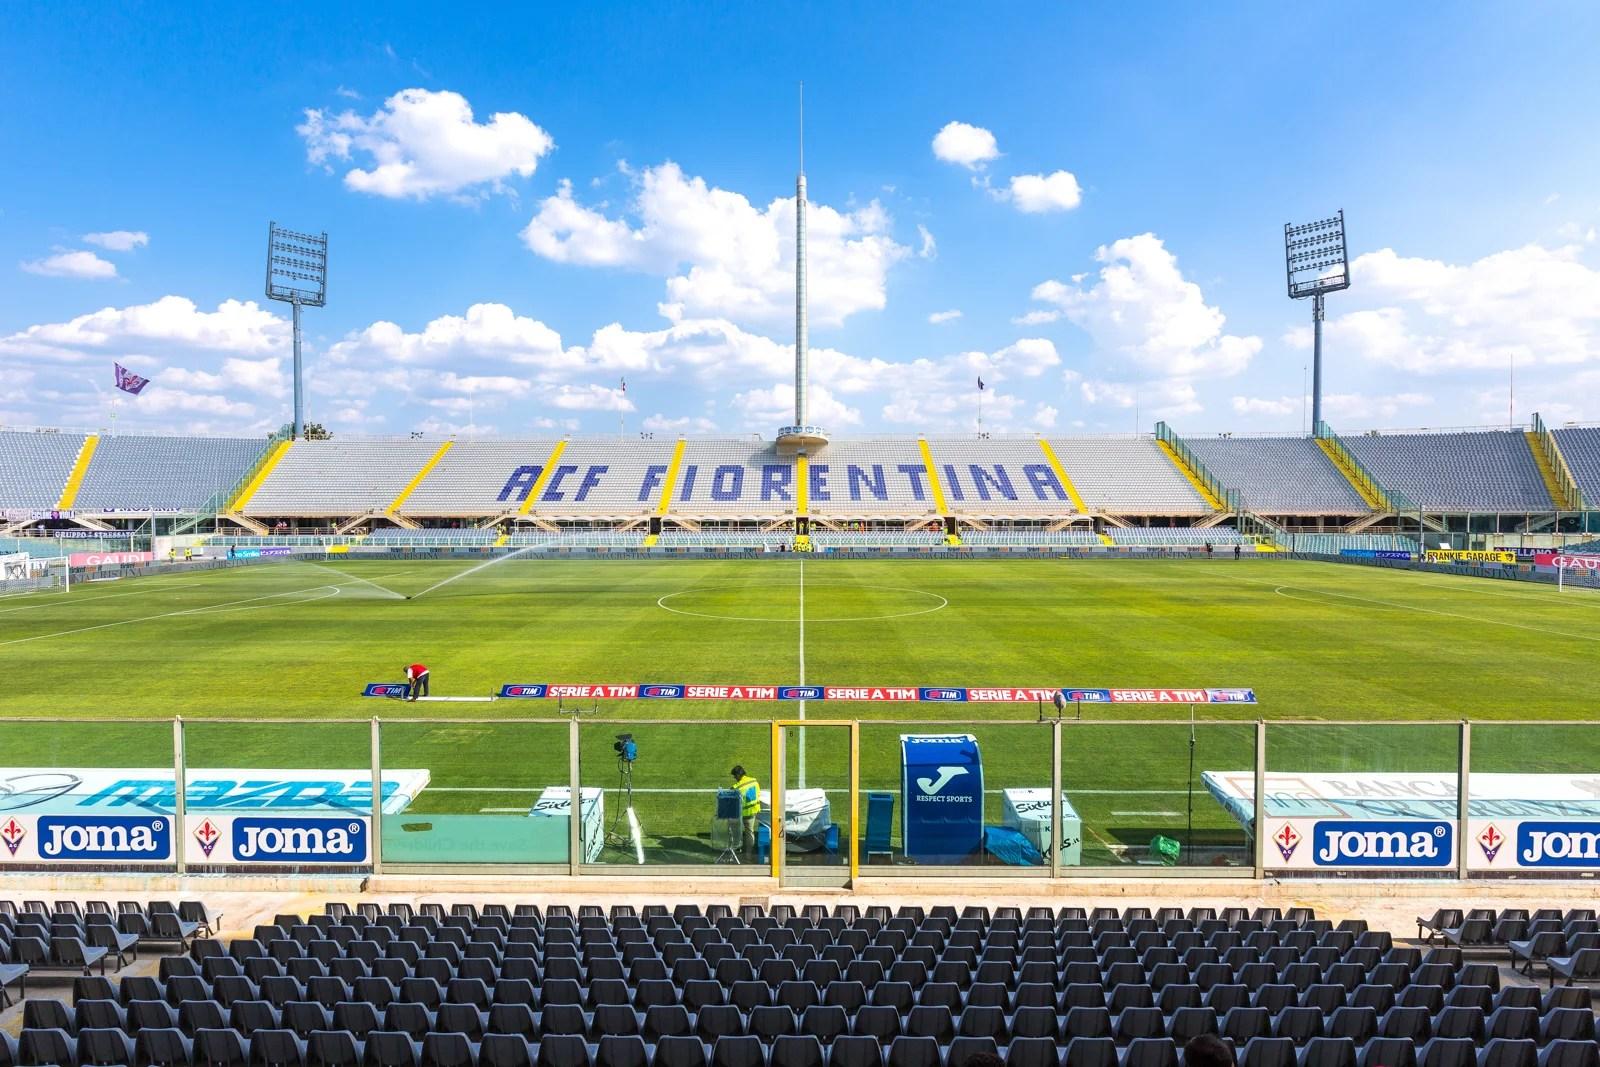 ACF Fiorentina stadium. (Photo by Gimas / Shutterstock)